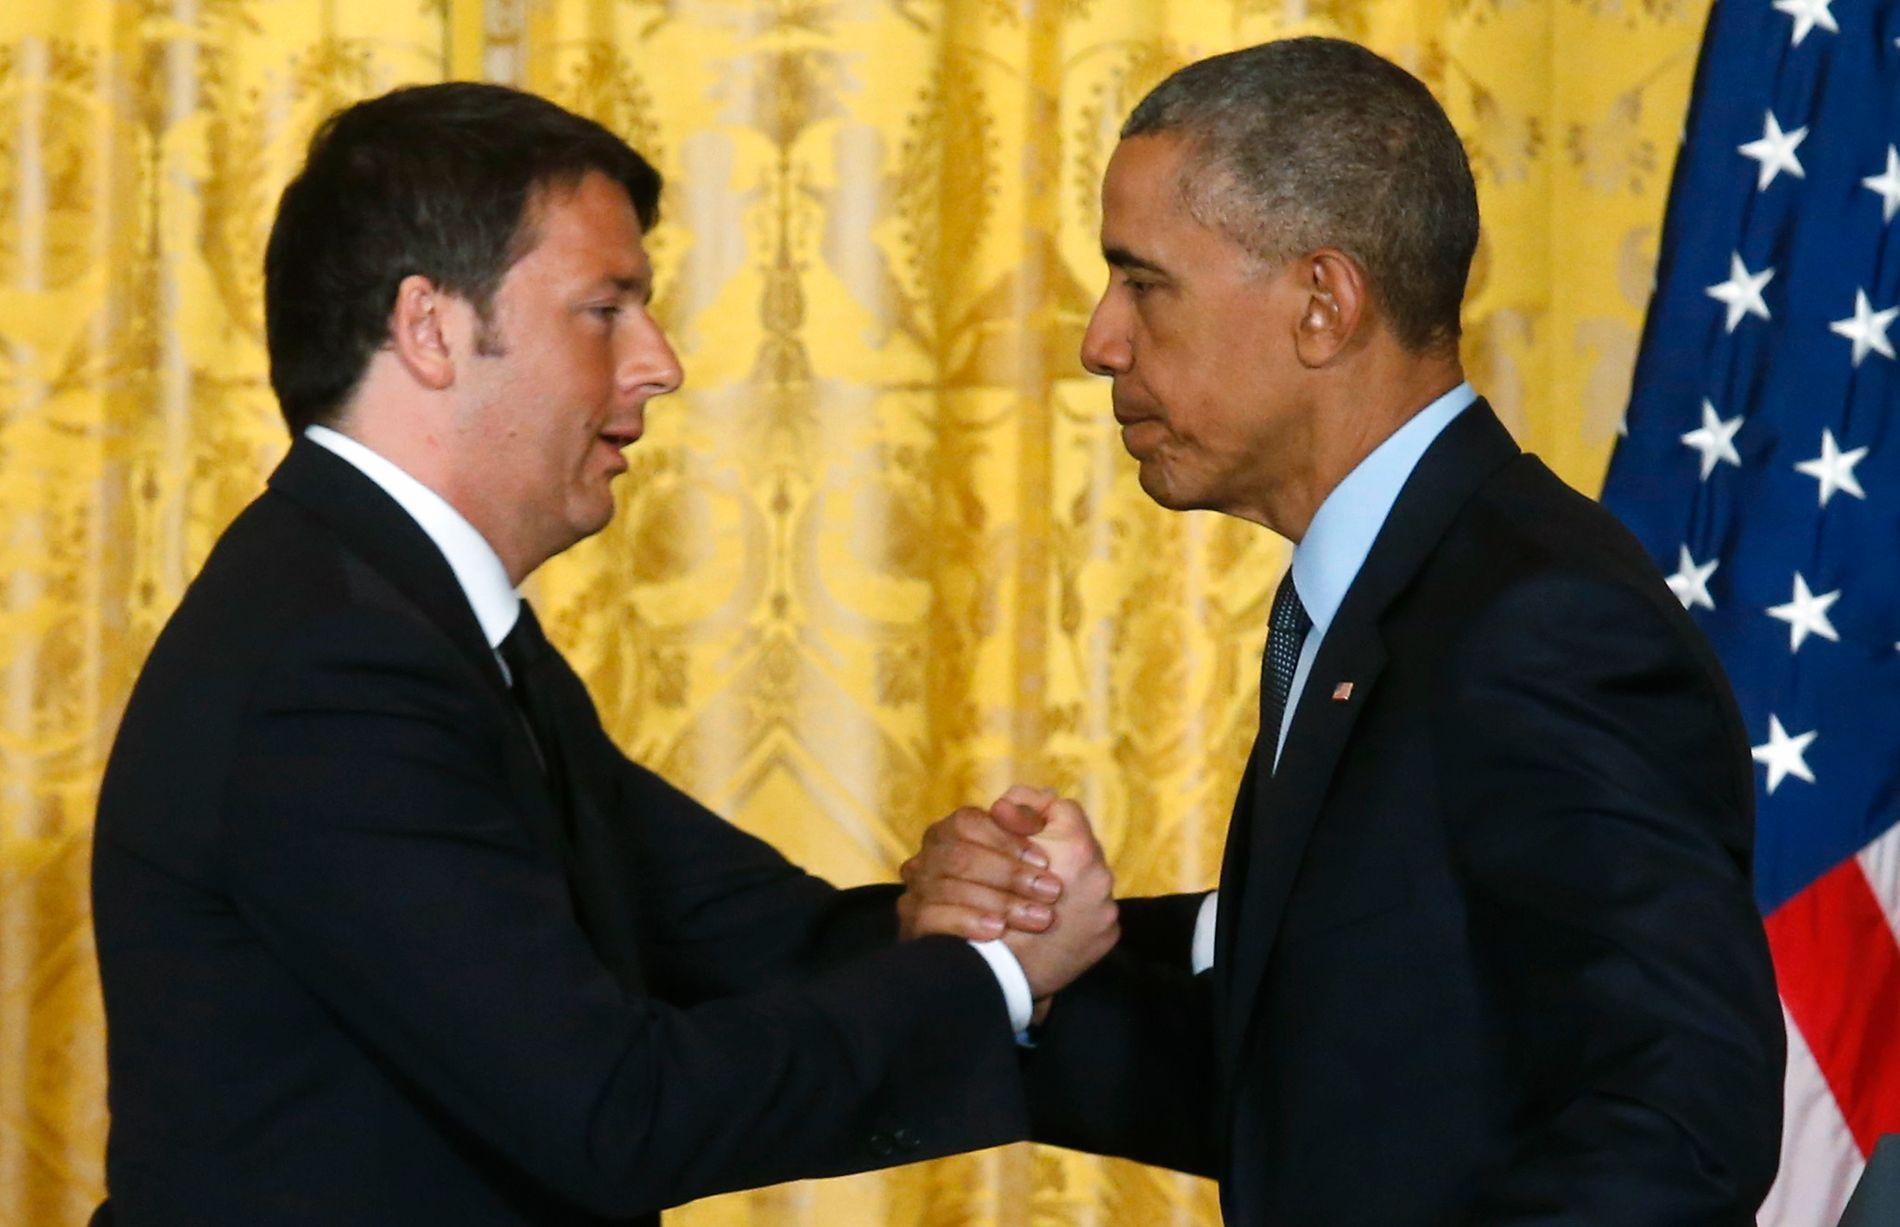 GJENSYN: Statsminister Matteo Renzi og president Barack Obama møttes i Det hvite hus så sent som i fjor vår. I kveld møtes de igjen før det italienske regjeringssjefen skal hjem og slåss for sitt politiske liv.